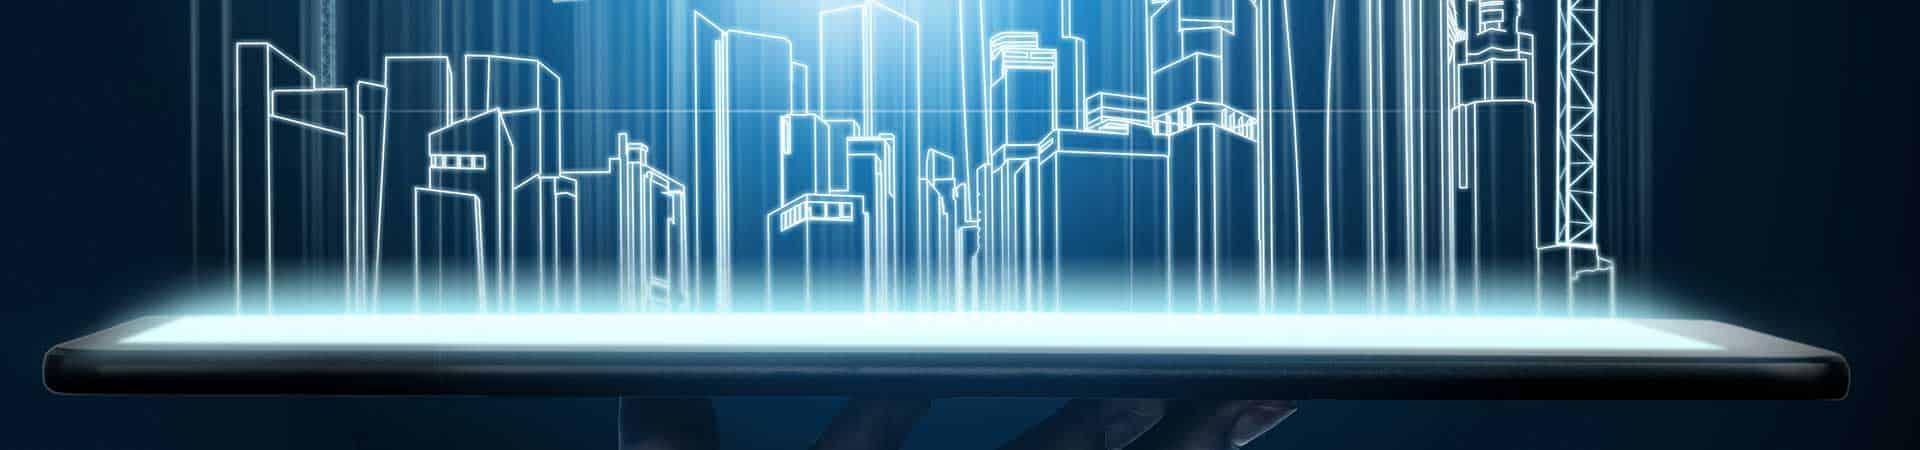 dvproject Industria 4.0 en sector construcción